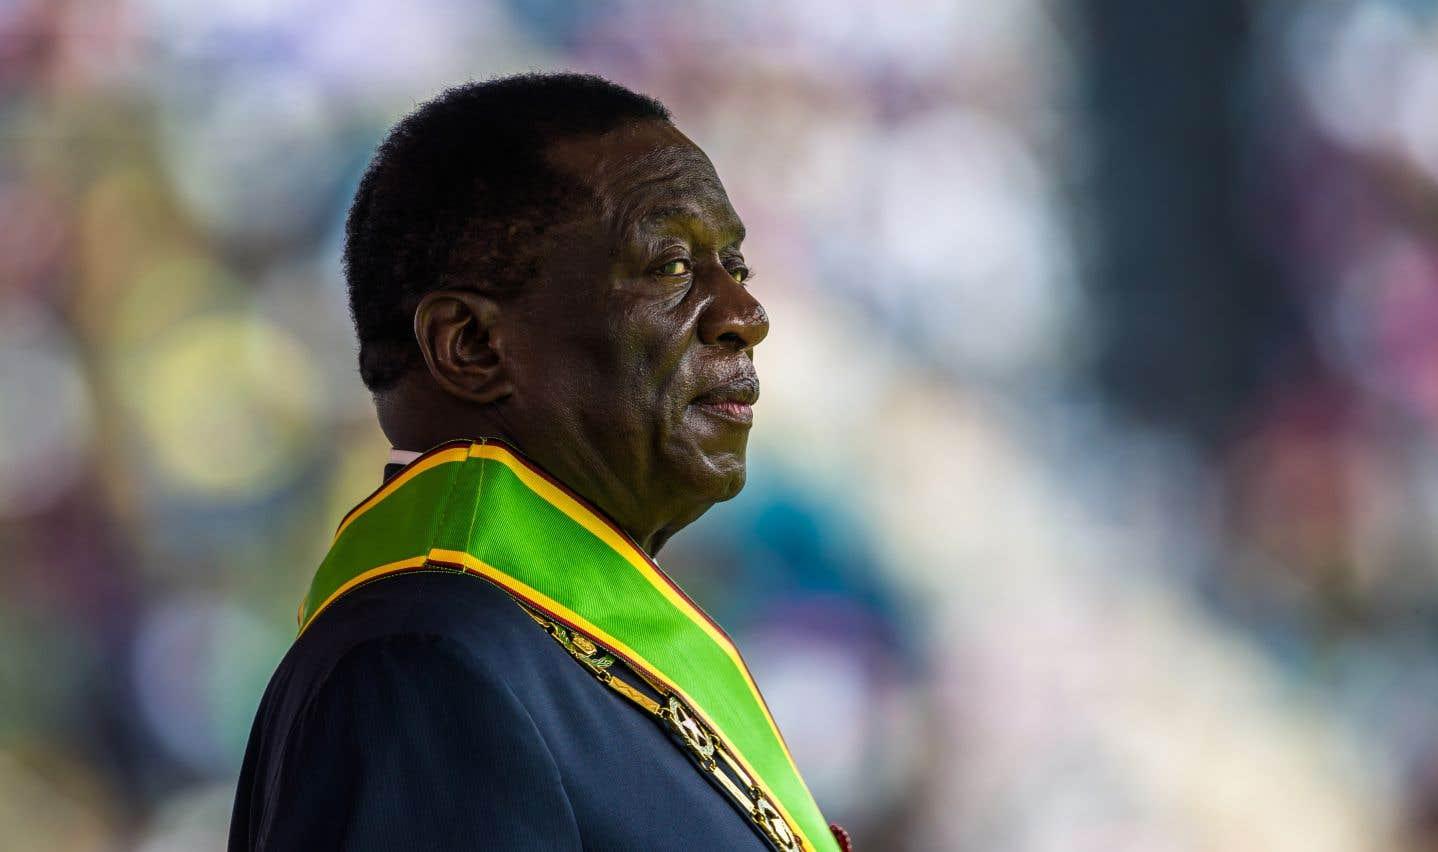 À 75ans, Emmerson Mnangagwa prend les rênes d'un pays ruiné.